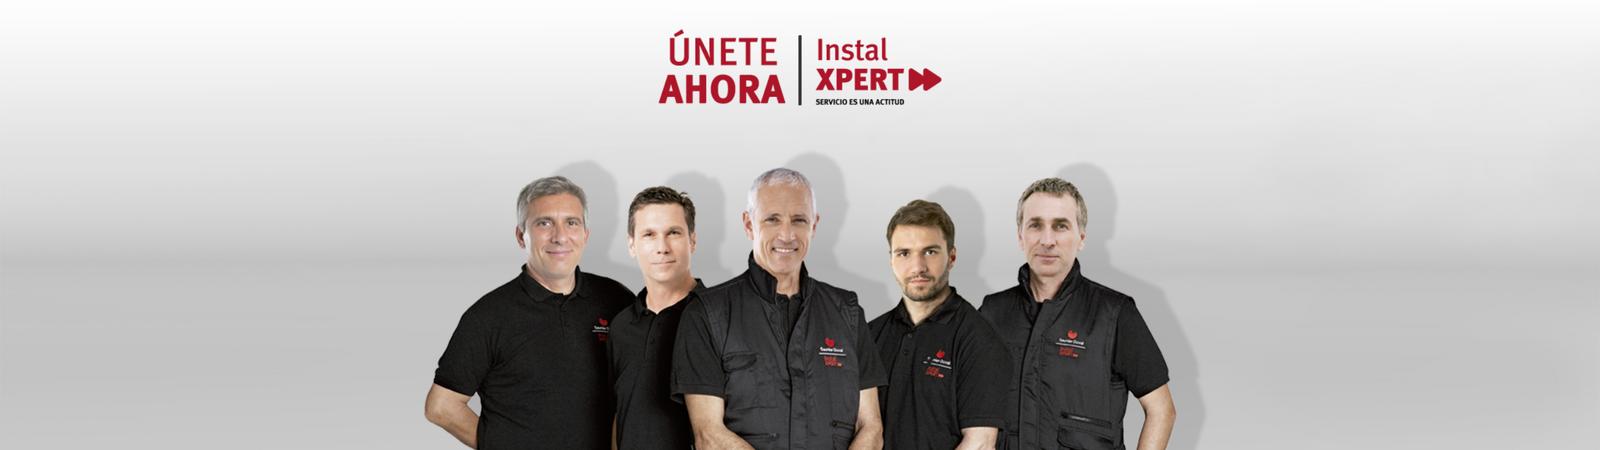 https://www.saunierduval.es/images/b2b/instal-xpert-1/unete-ahora/cabecera-unete-ahora2-1002712-format-32-9@1600@desktop.png